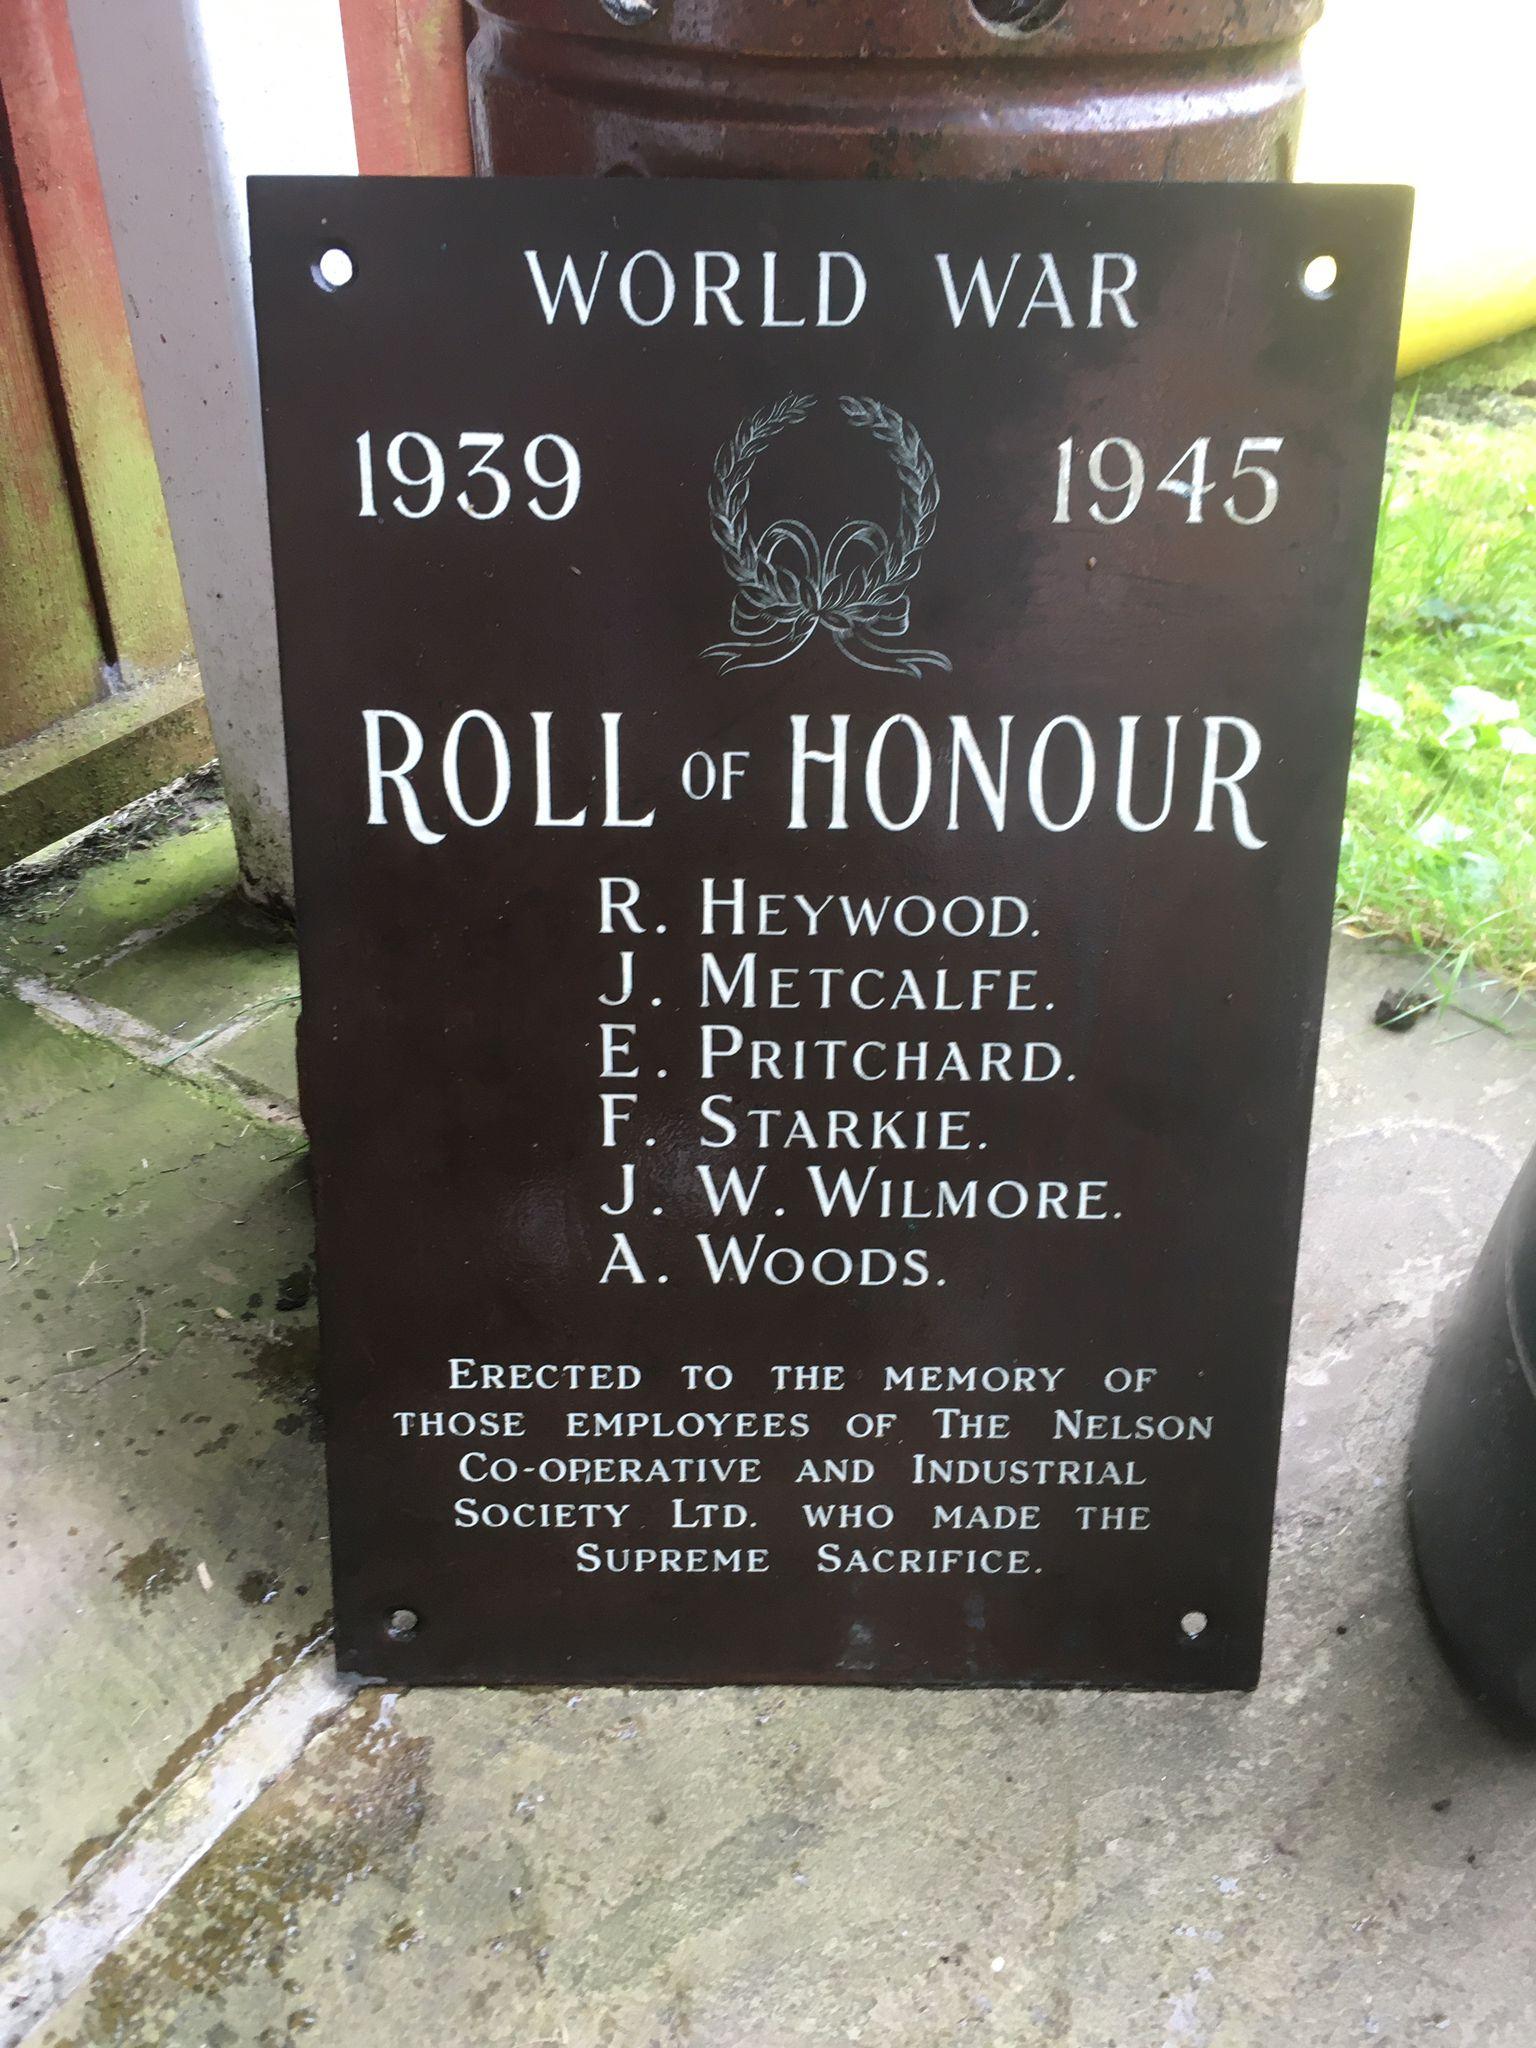 Placa conmemorativa de los caídos de la Segunda Guerra Mundial encontrada en un garaje